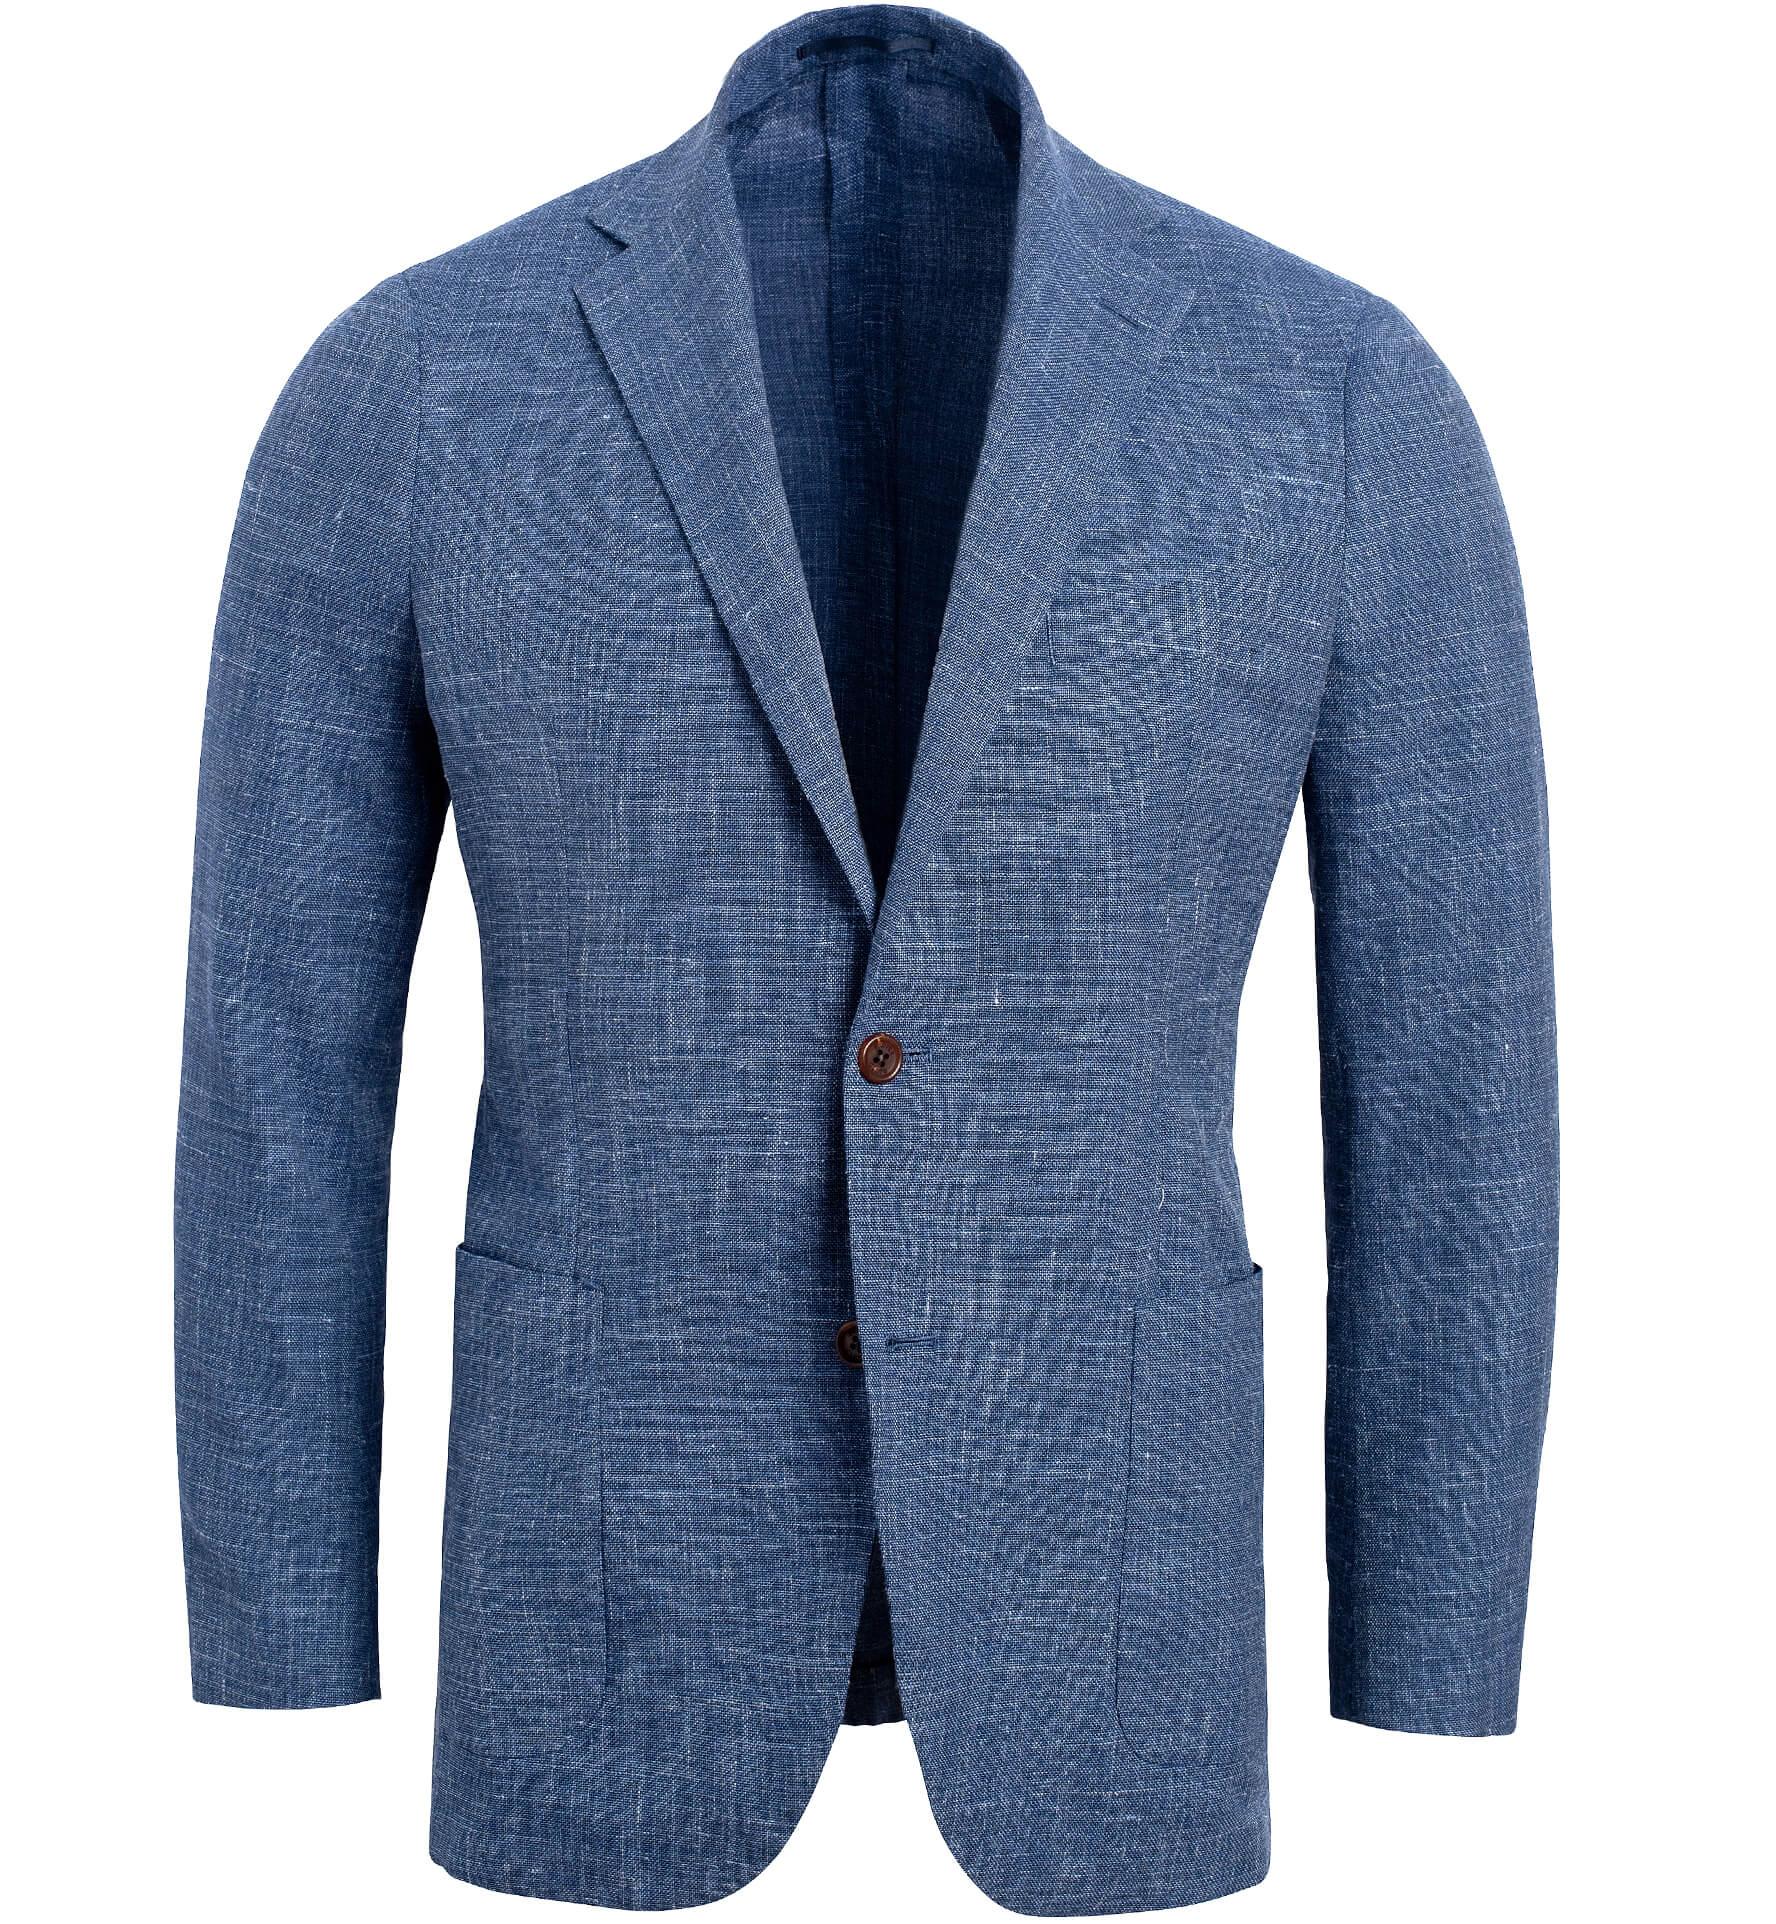 Zoom Image of Bedford Faded Blue Melange Summer Blend Jacket